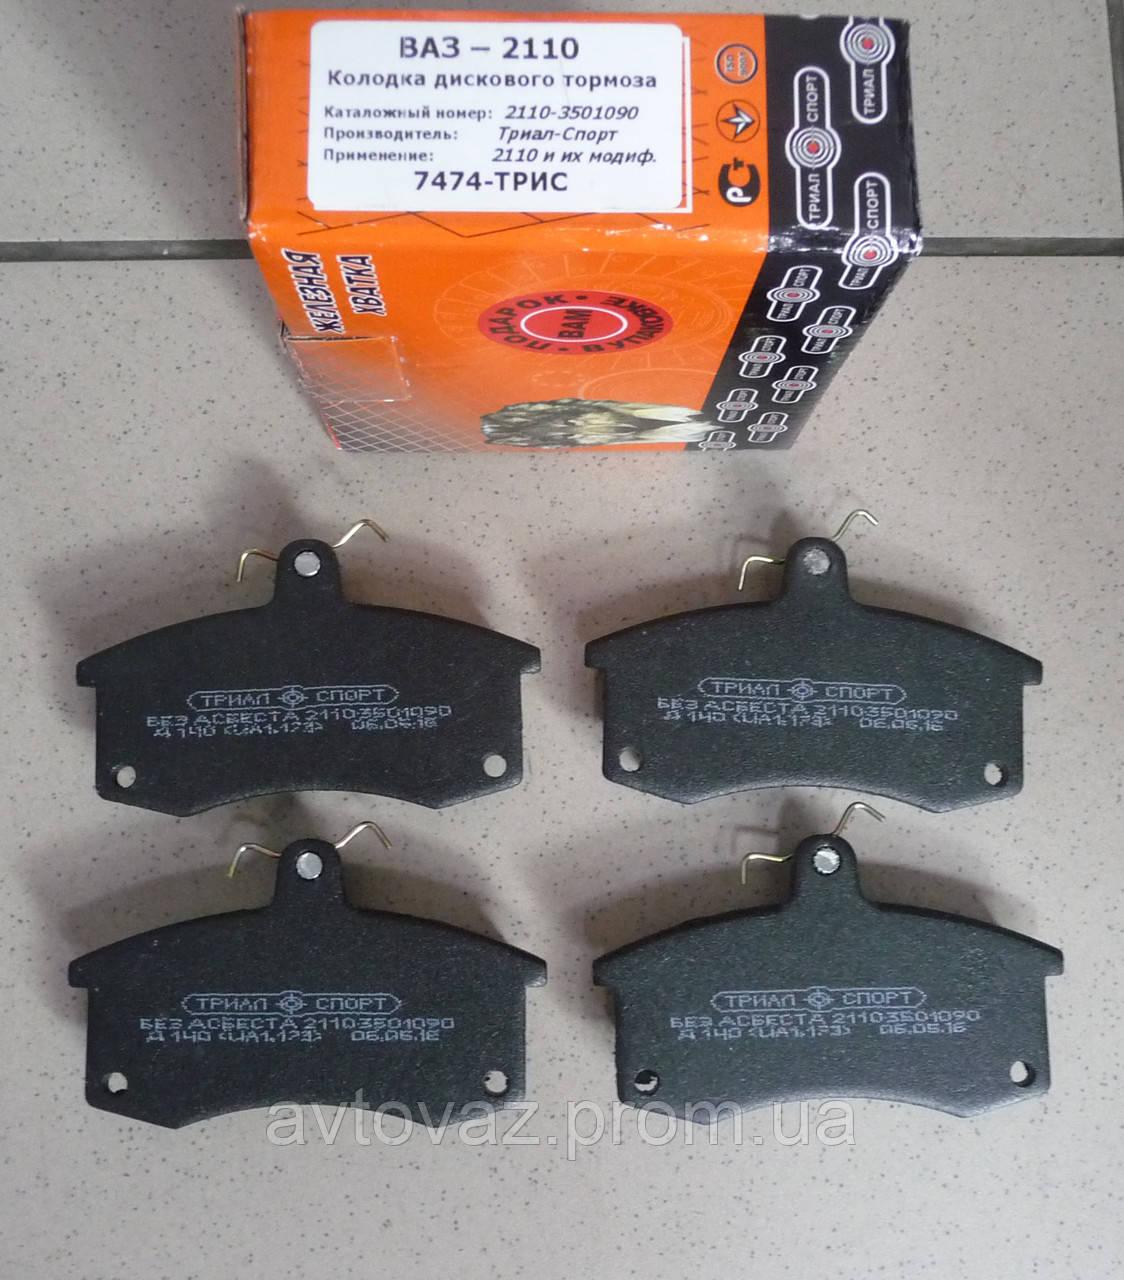 Колодка тормозная передняя ВАЗ 2110, ВАЗ 2111, ВАЗ 2112, Калина, Приора (Триал-Спорт)